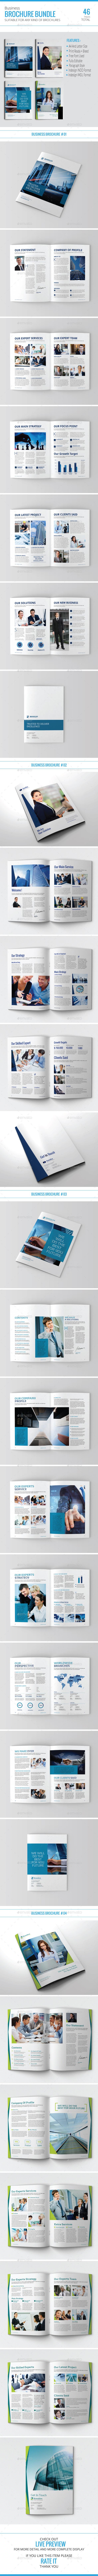 Business Brochure Bundle Vol. 04 - Corporate Brochures